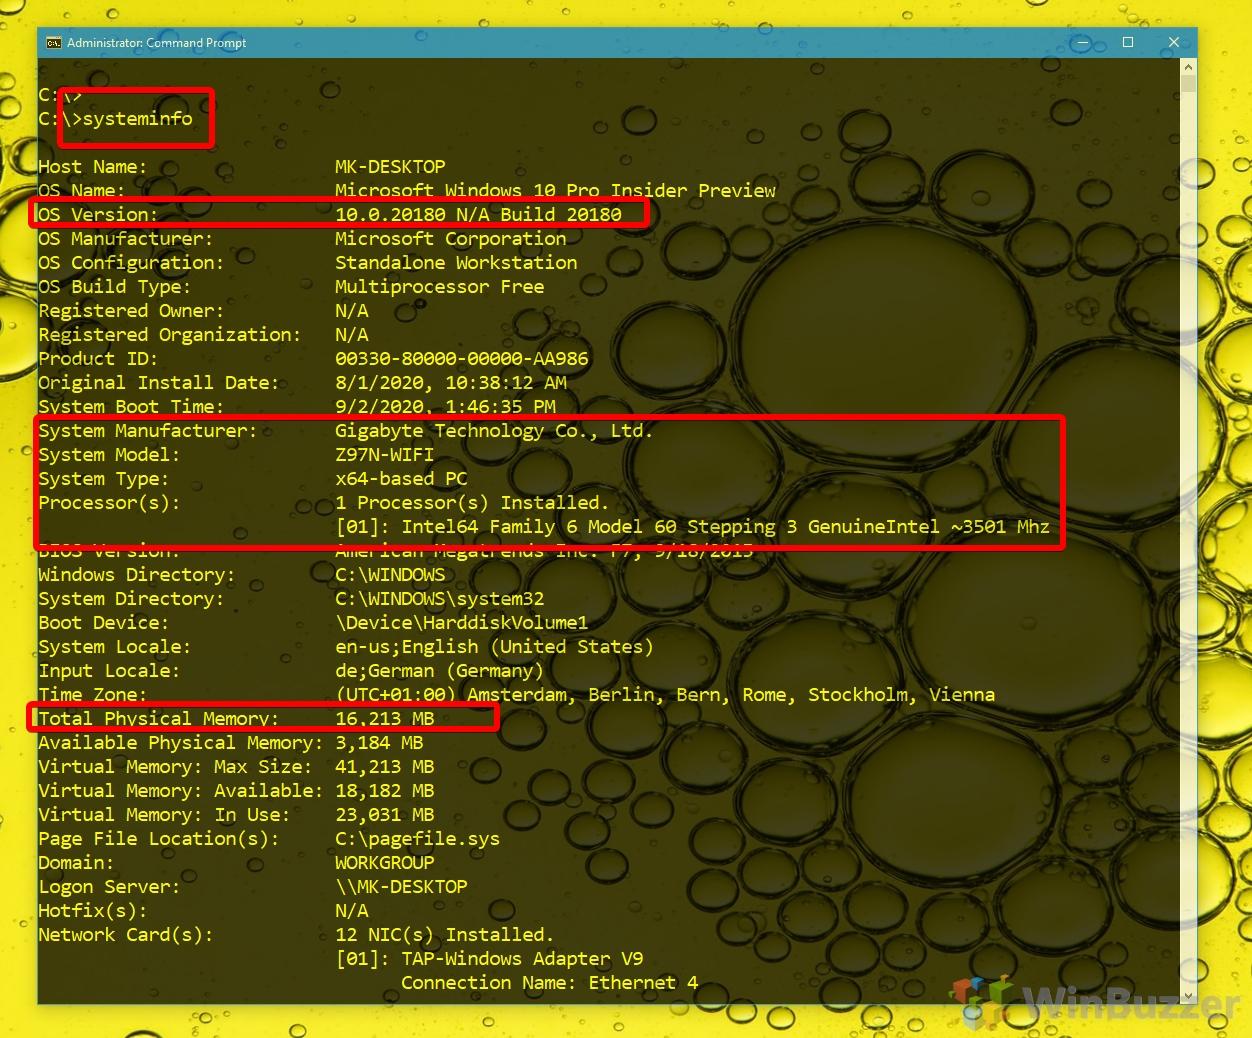 Windows 10 - CMD admin - systeminfo